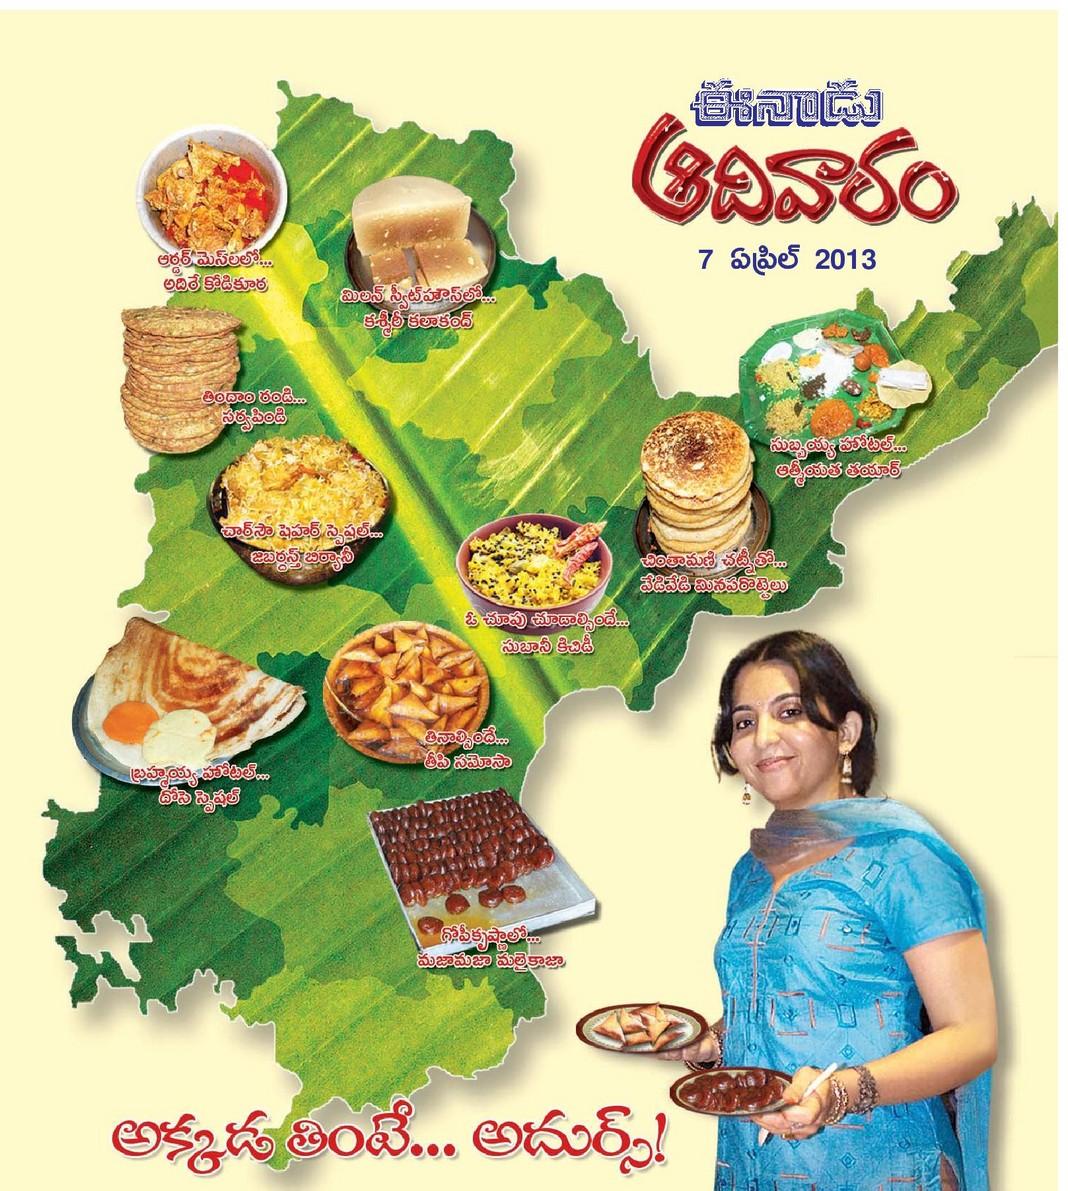 Ankapur a model village in telangana india april 2013 for Andhra pradesh cuisine